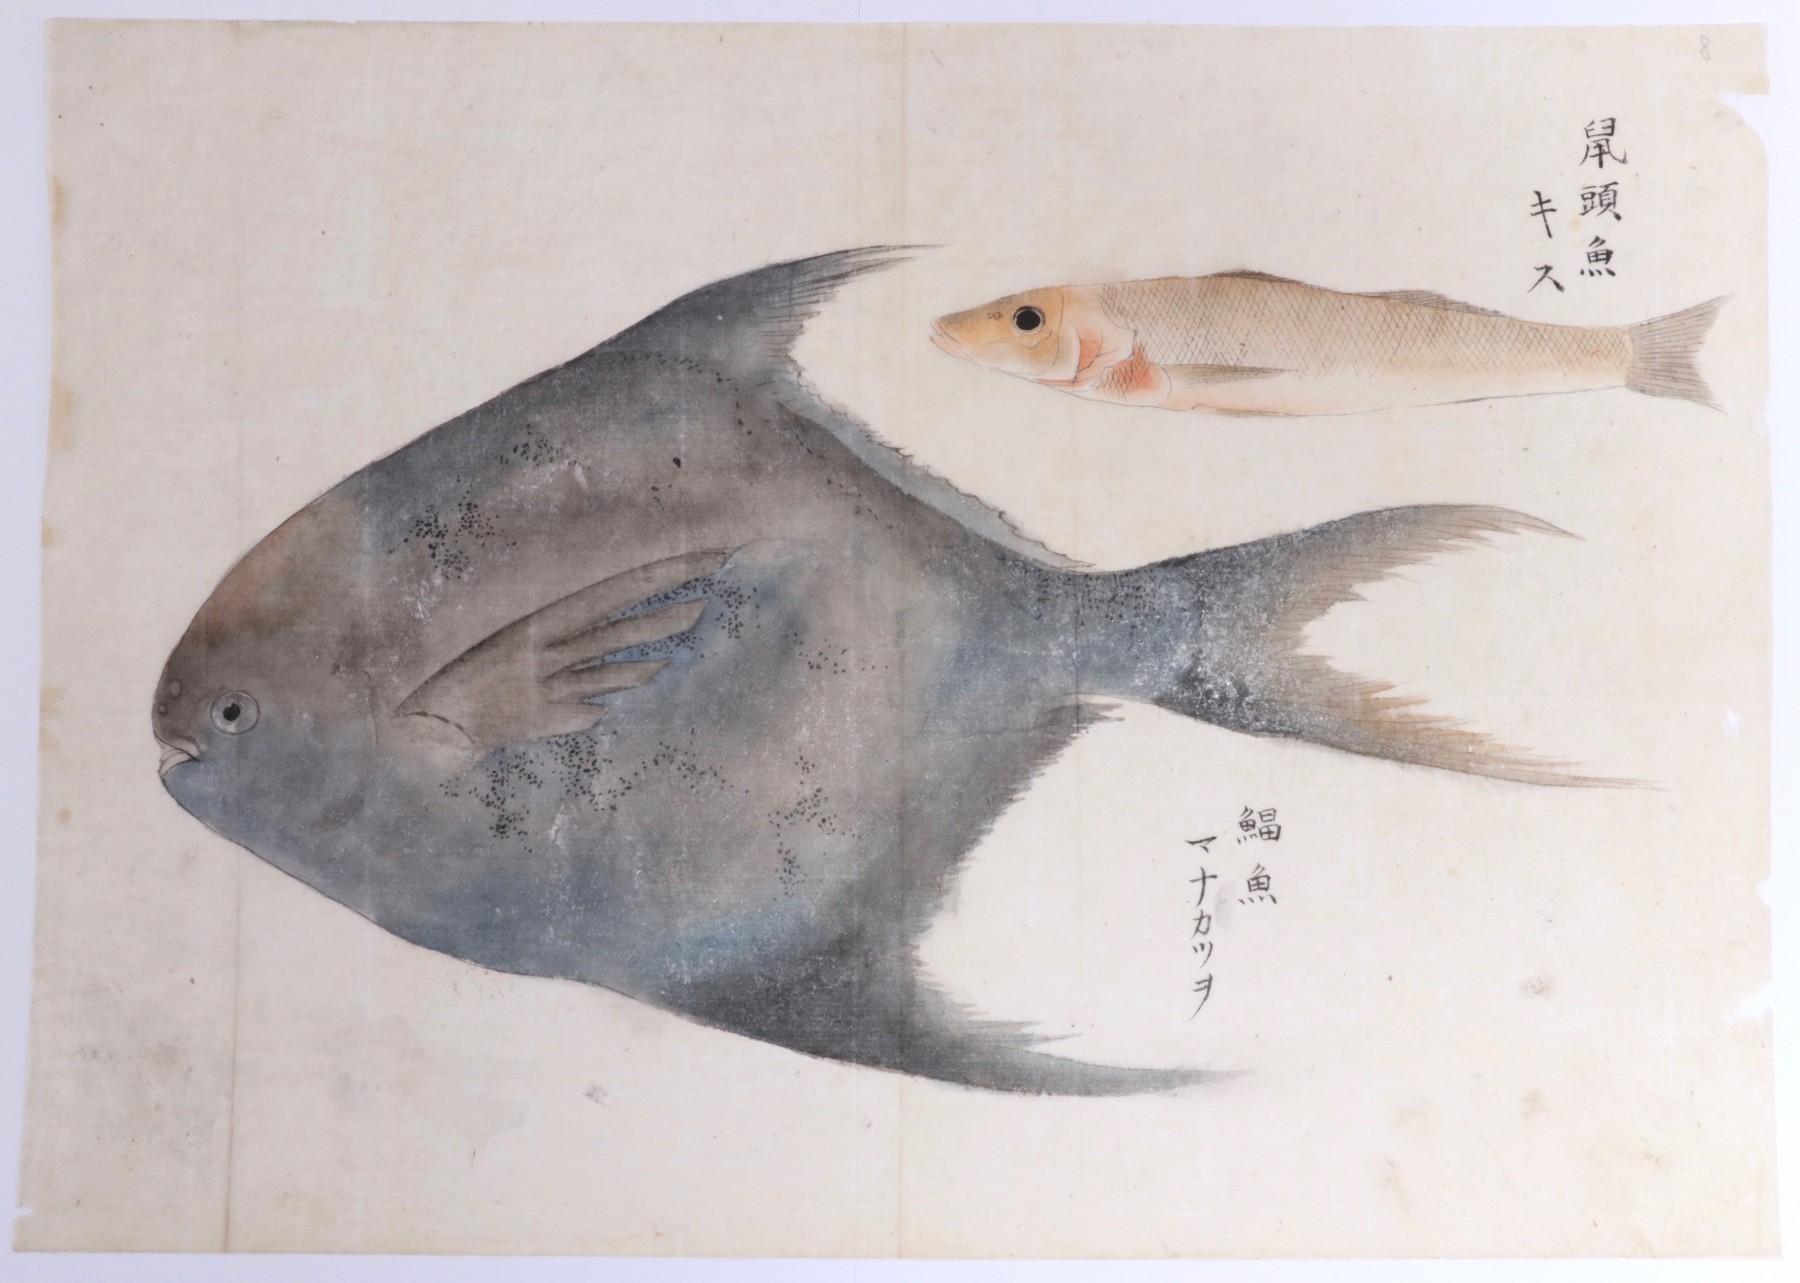 Charges de poissons datant